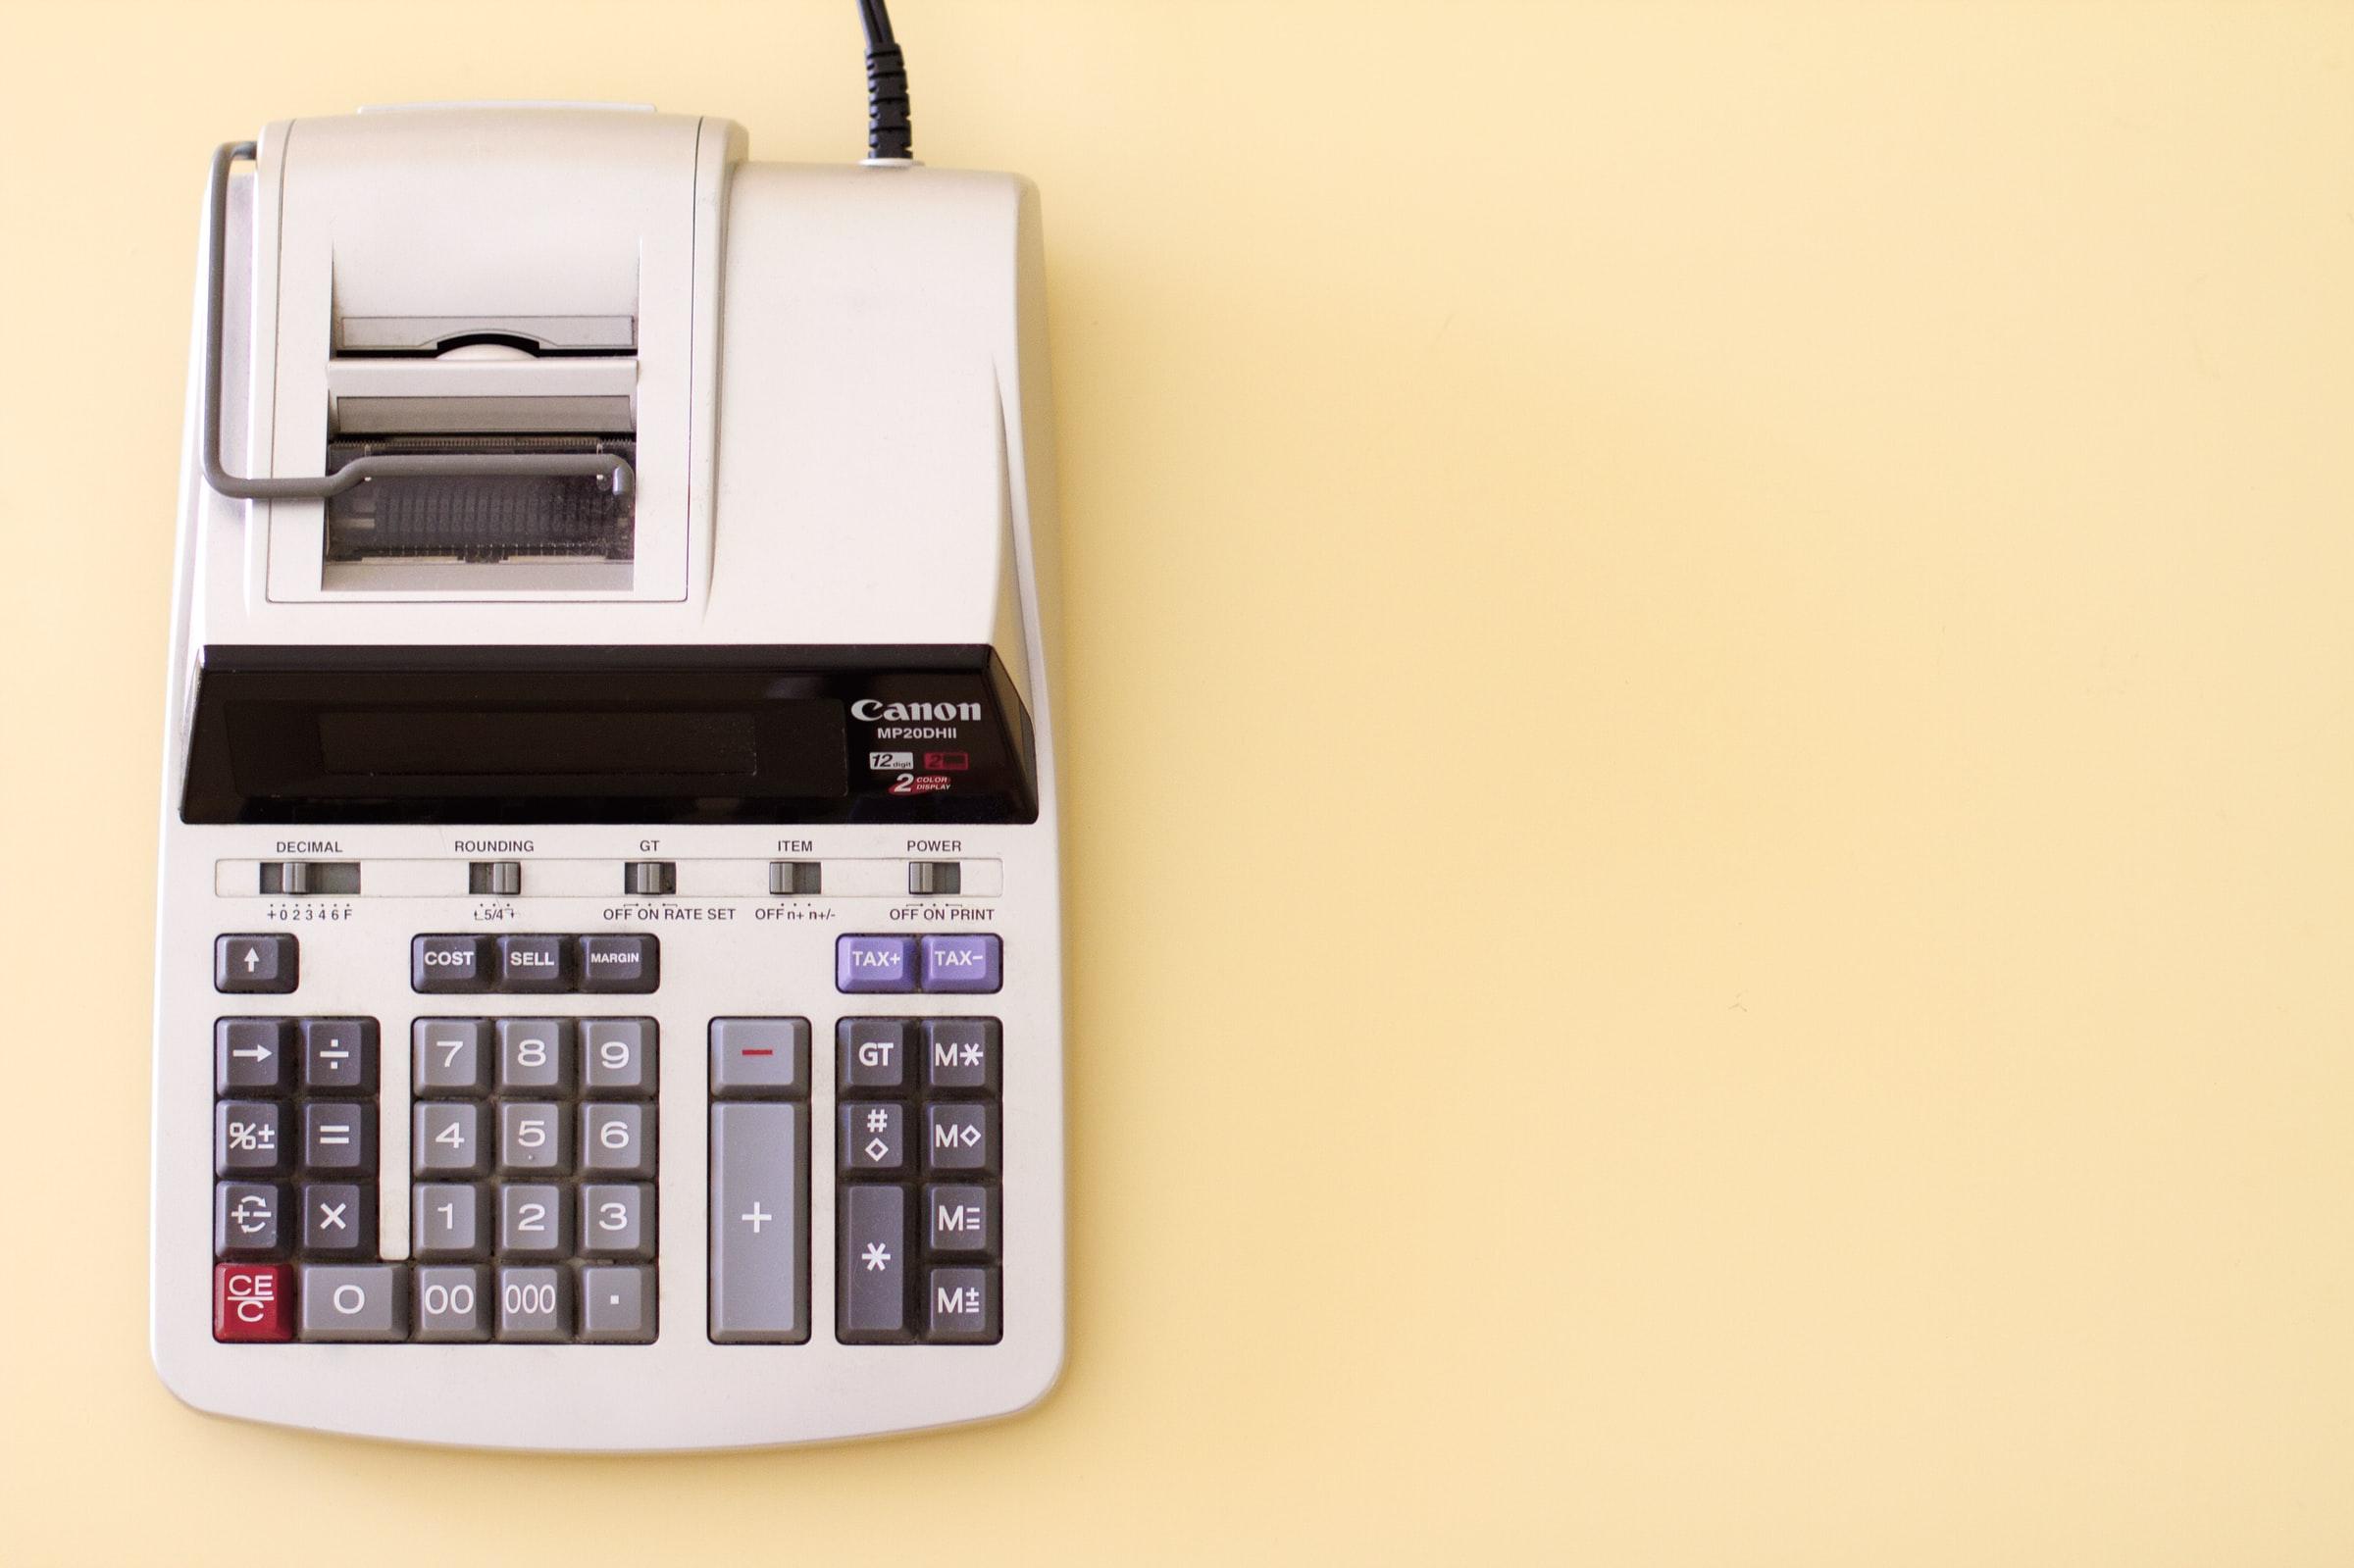 Une calculatrice ancienne sur fond jaune